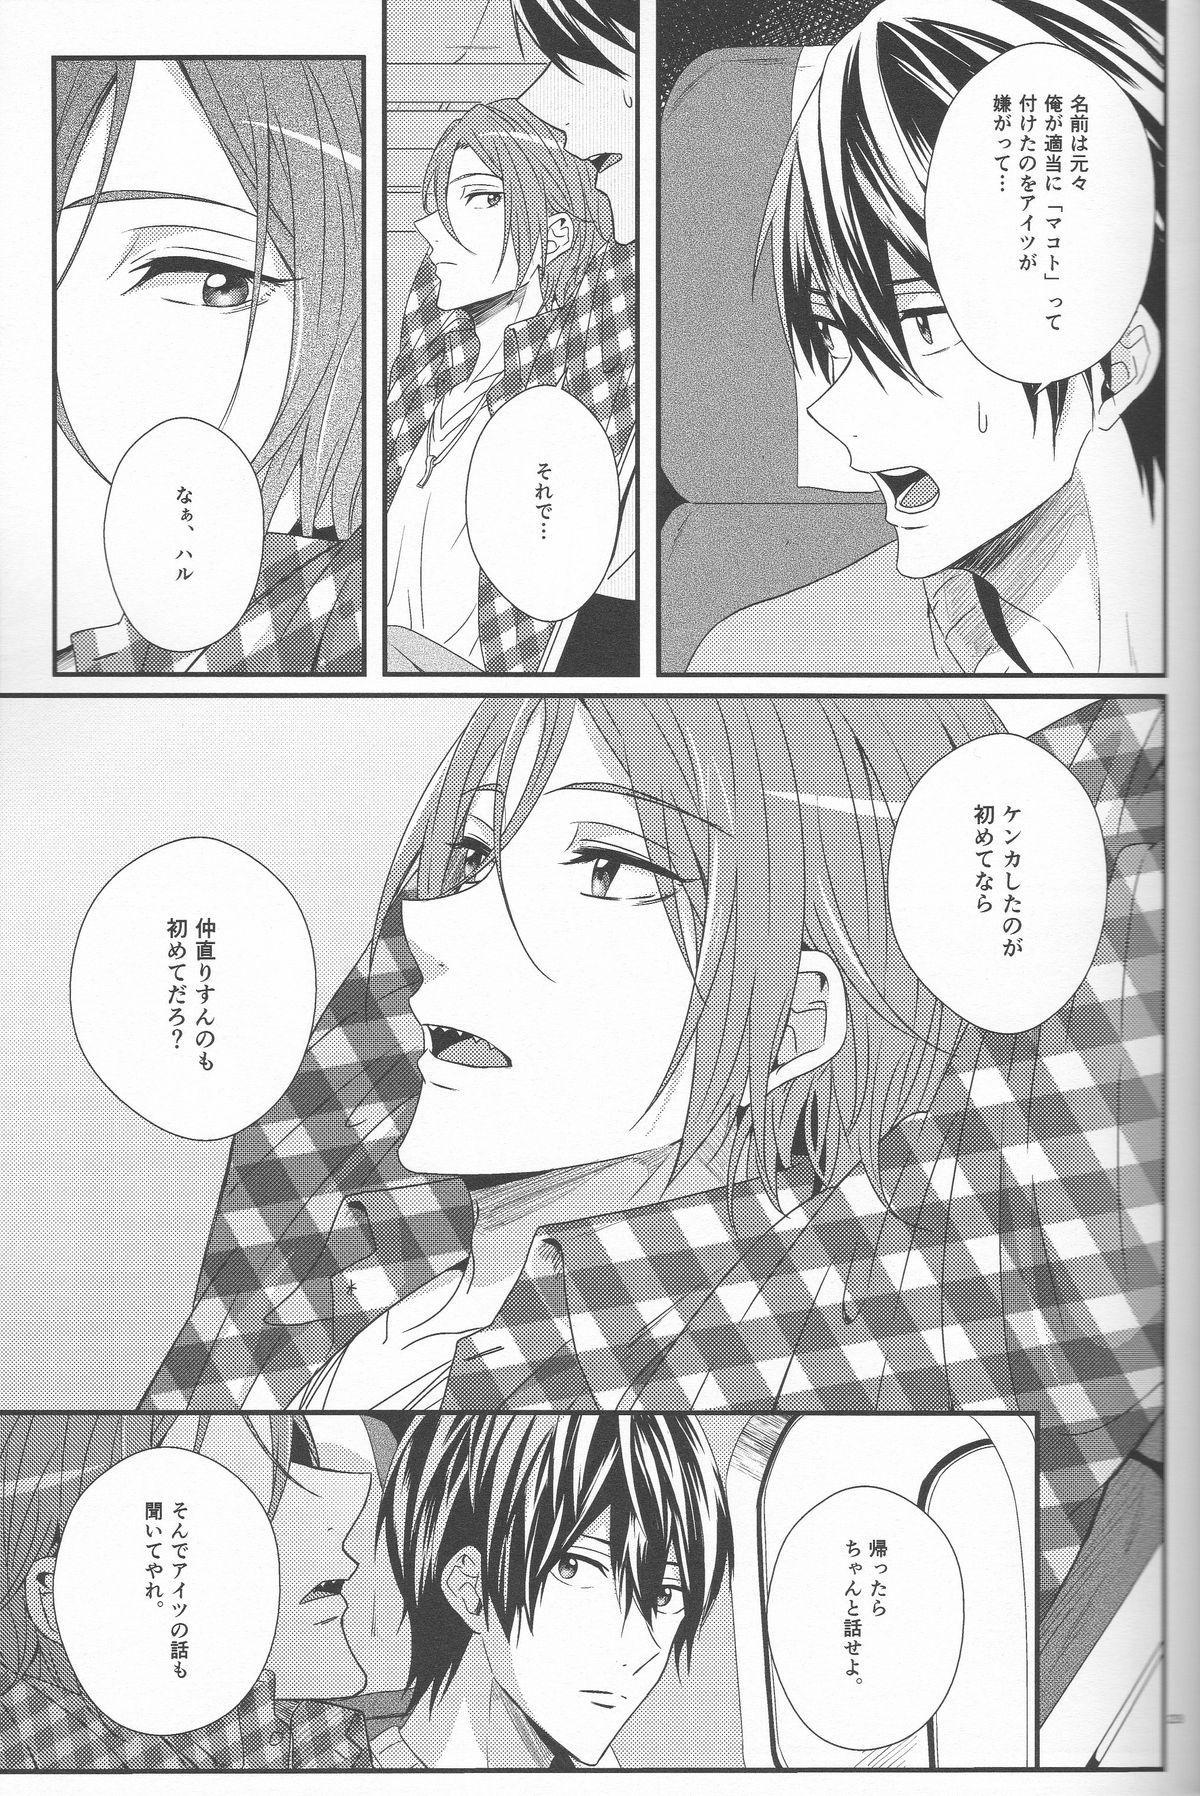 Kimi wa Shiranai - You never Know 21